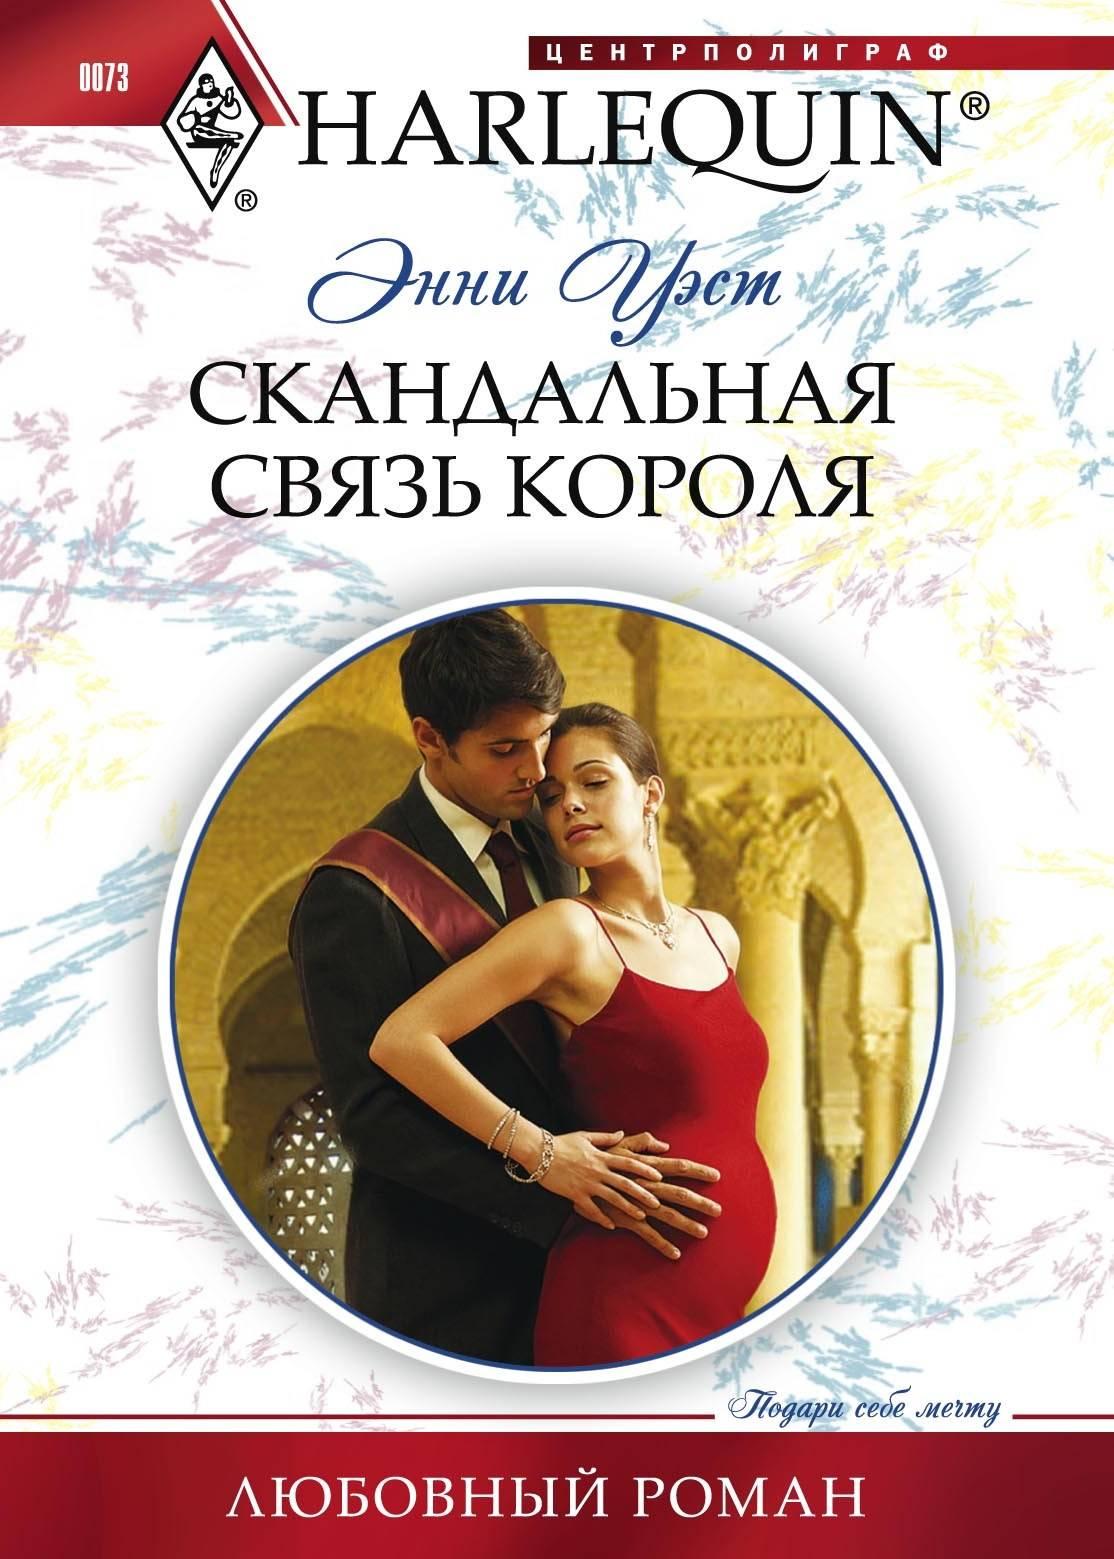 Rrumagic.com : королевская речь и формулировки : н козлов : читать онлайн